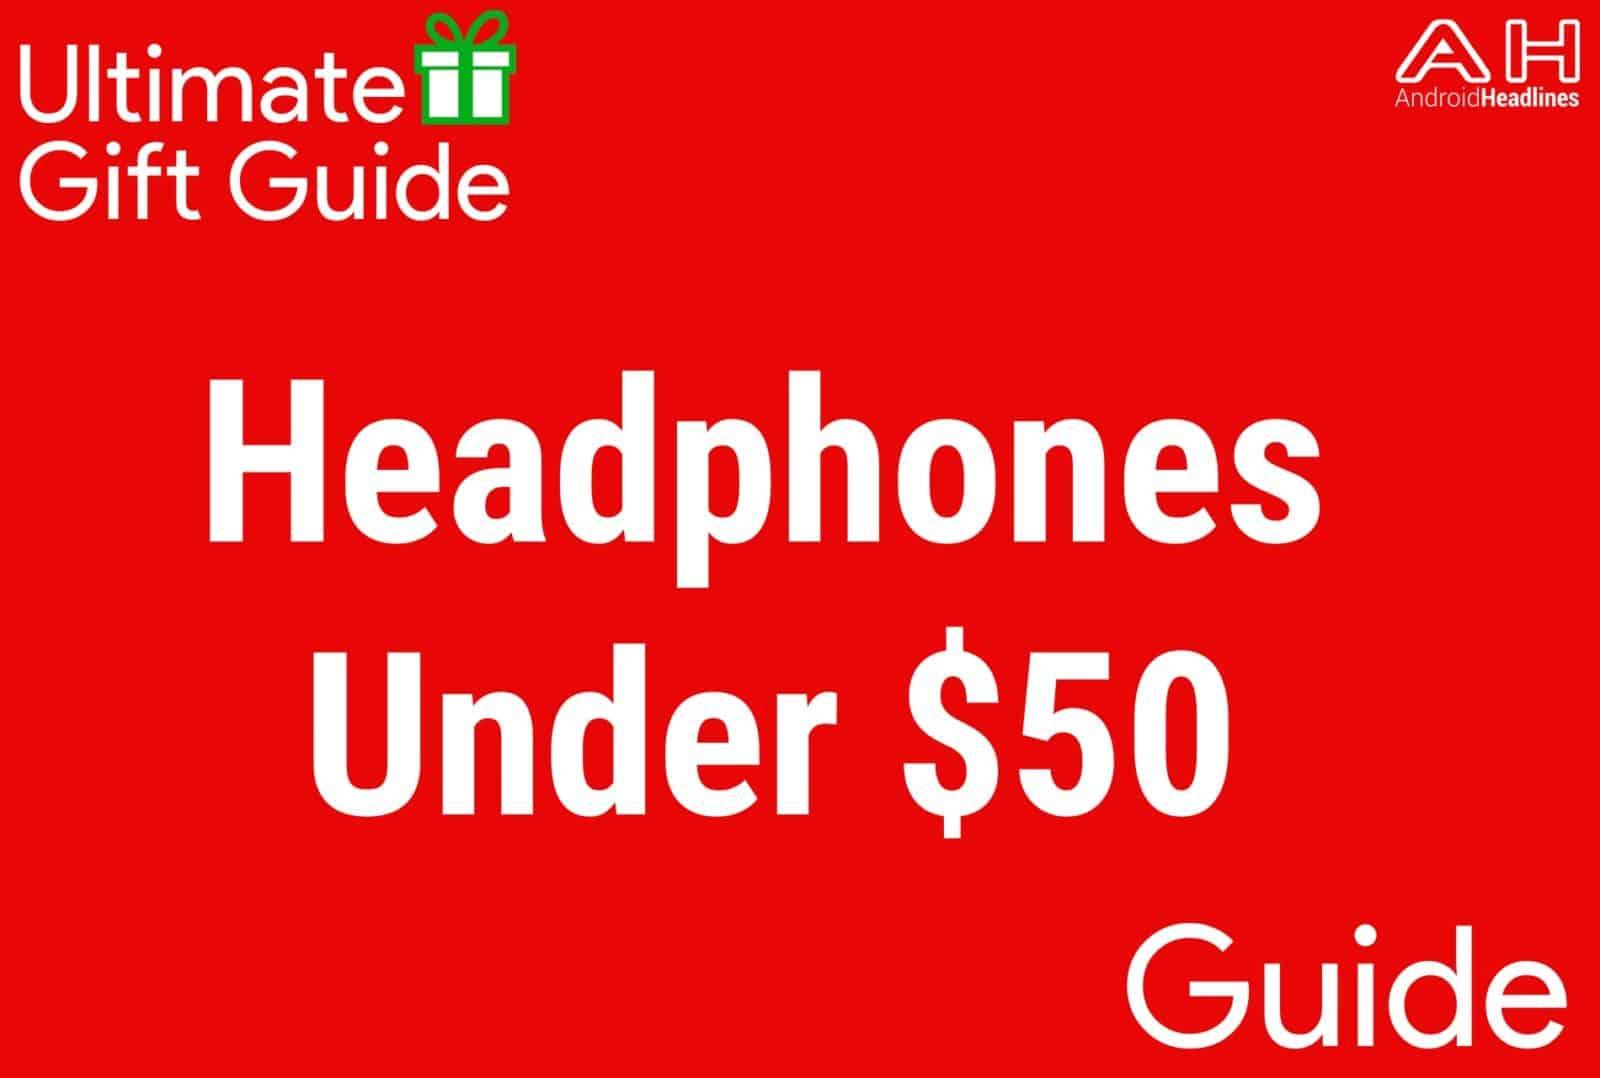 Headphones Under $50 - Gift Guide 2015